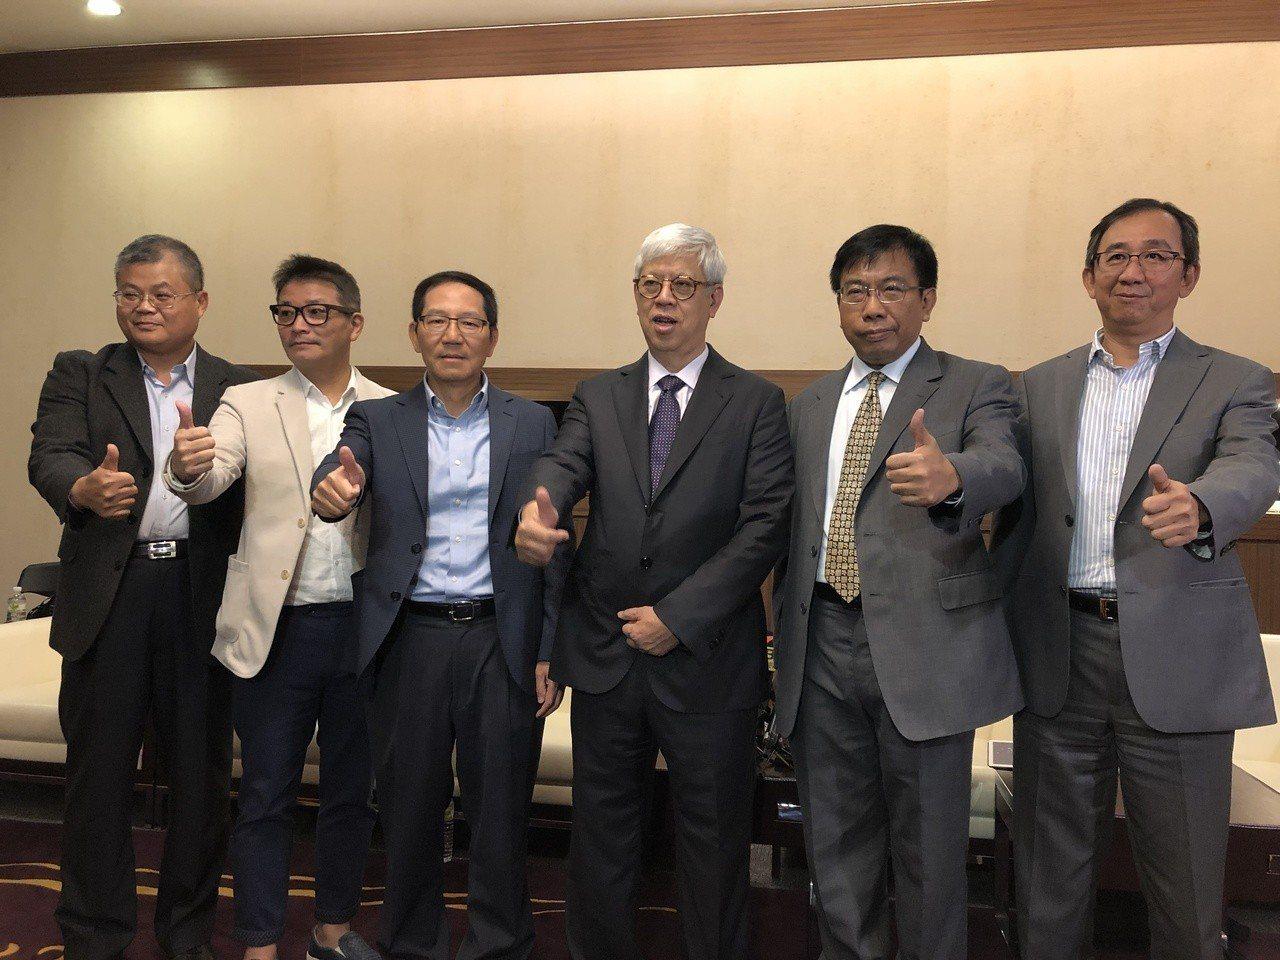 英業達董事長卓桐華(右三)與經營團隊。記者蕭君暉/攝影